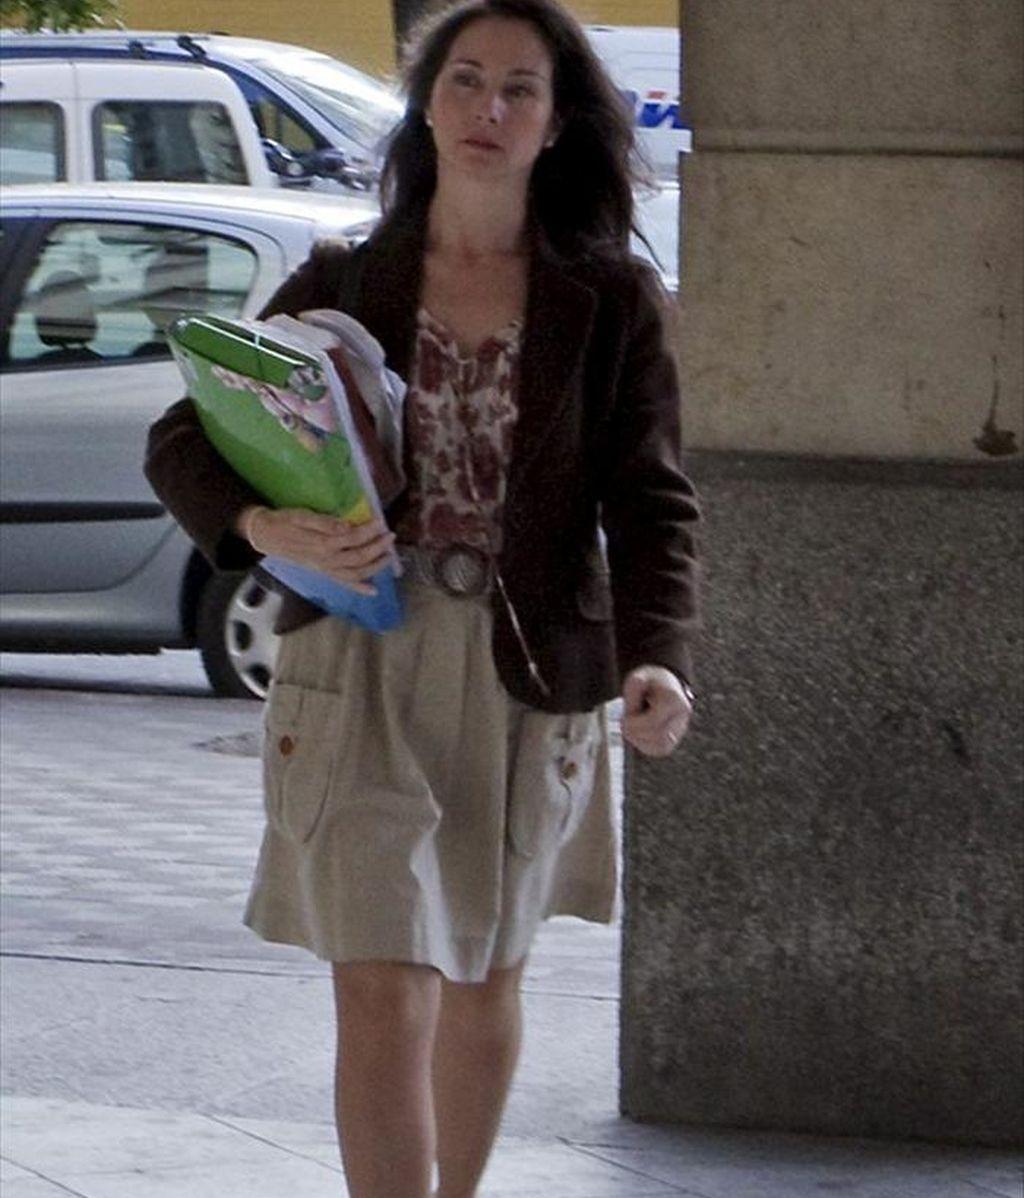 La jueza Mercedes Alaya, que investiga las presuntas irregularidades en los ERE financiados por el Gobierno andaluz, a su llegada a los Juzgados de Sevilla. EFE/Archivo